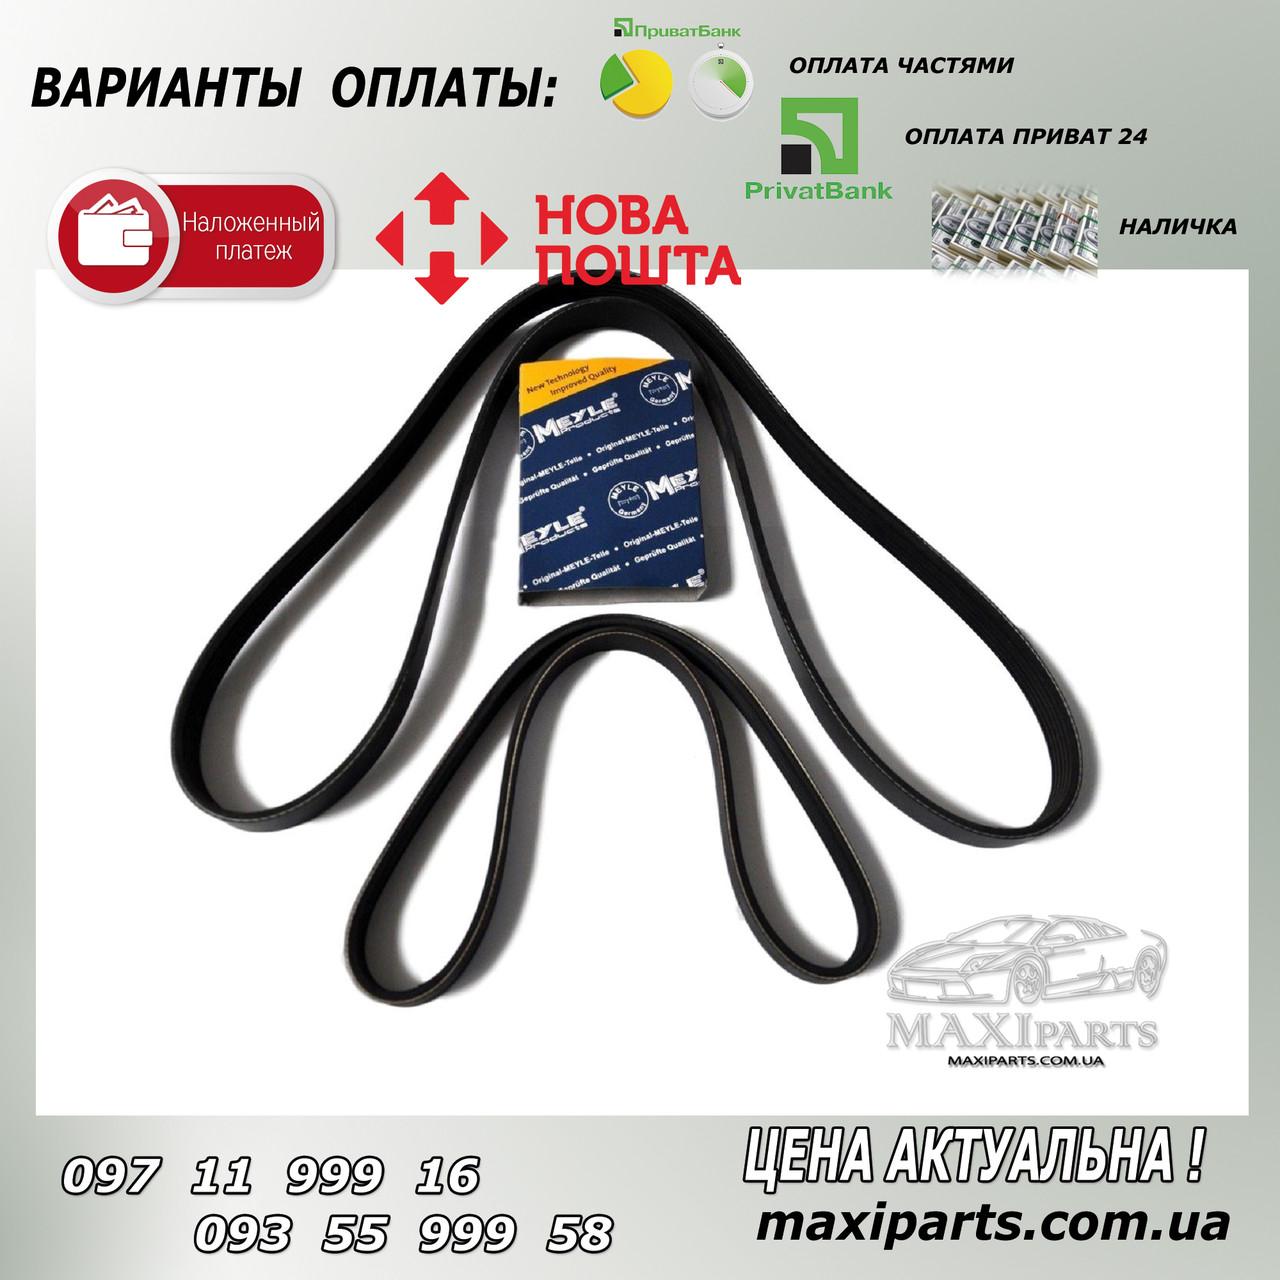 Ремень генератора MB Sprinter 2.9TDI (-AC)/MB Vito W638 96- 6PK2080